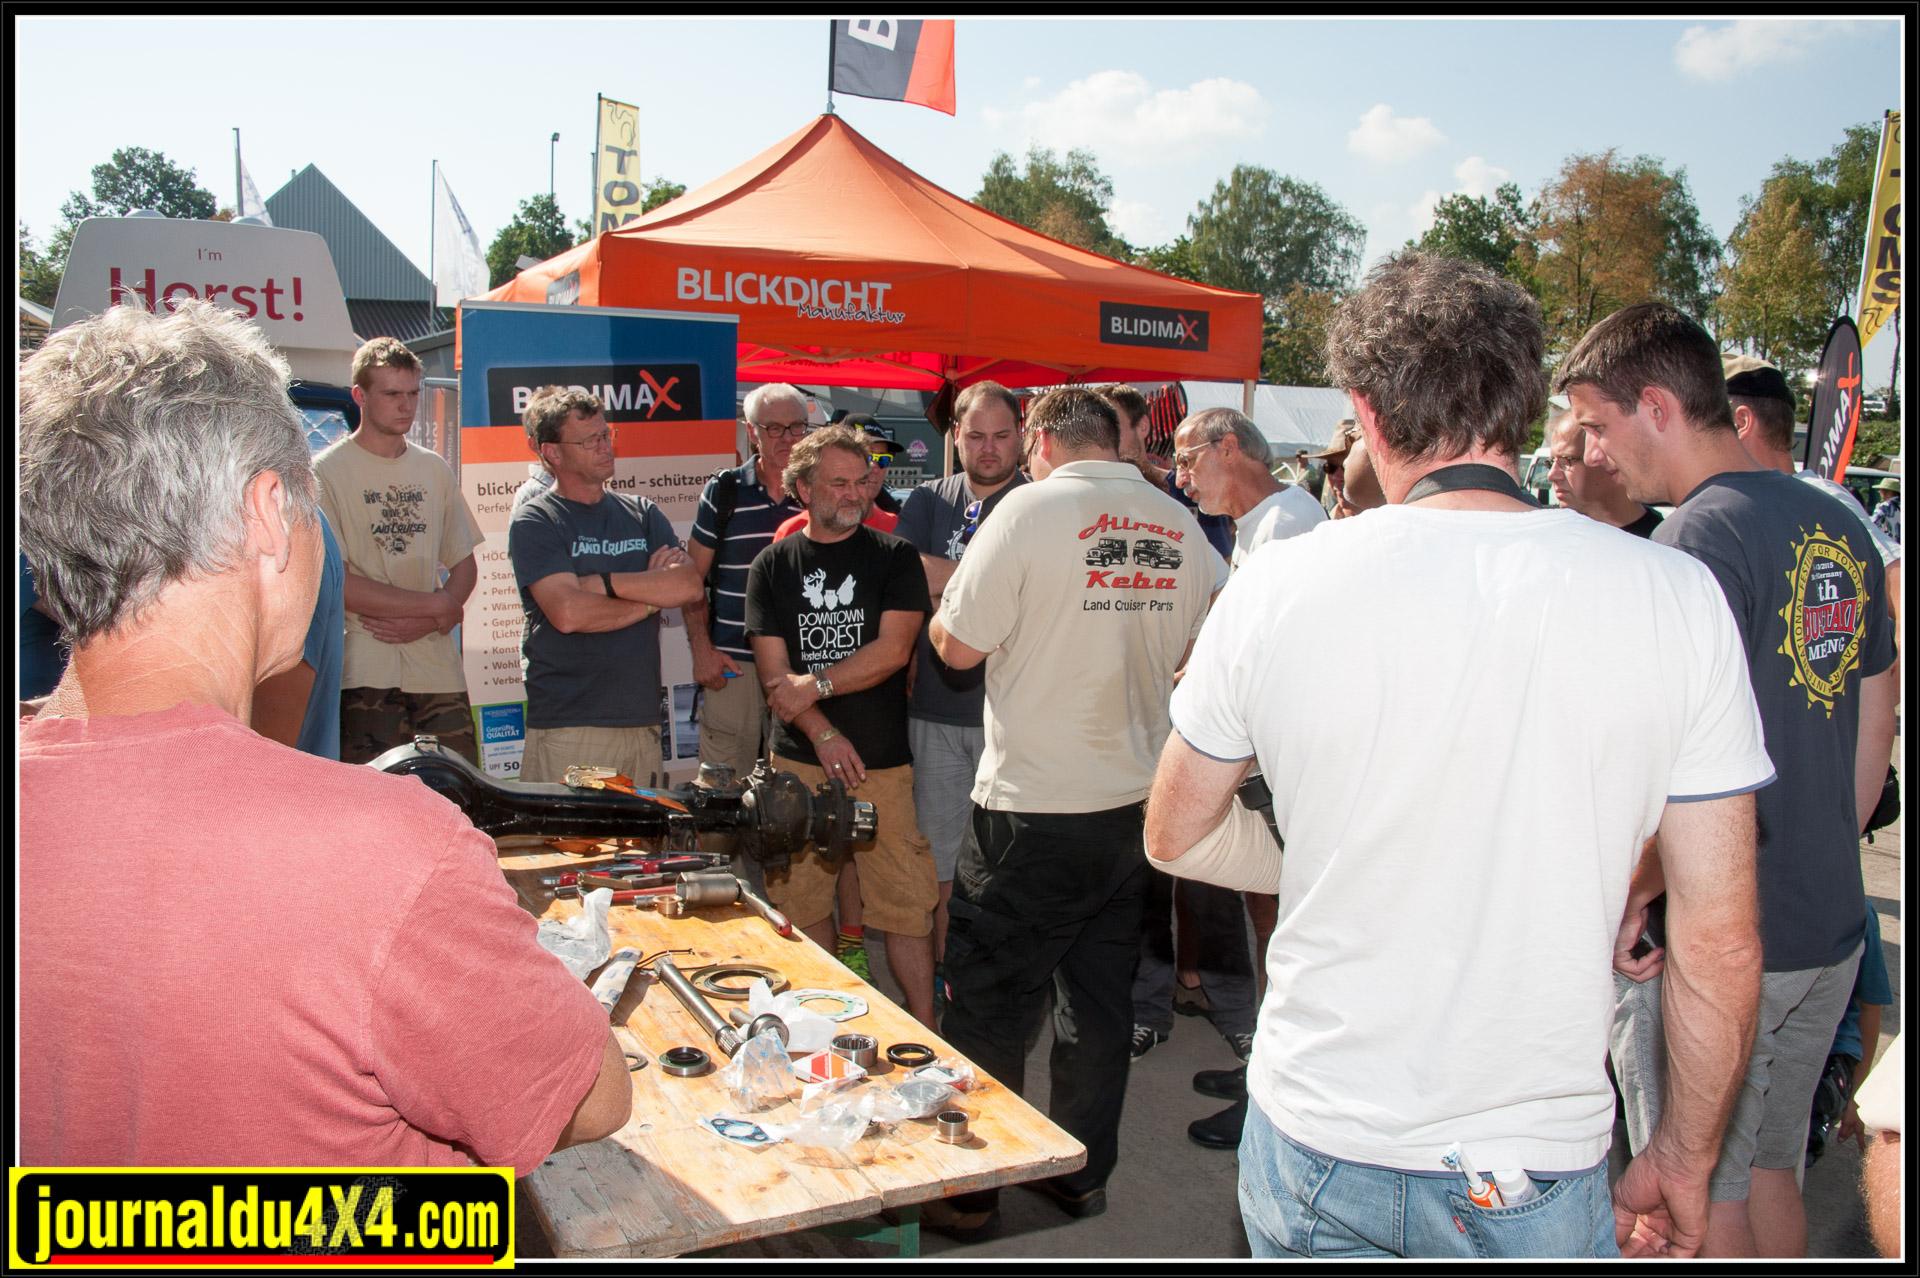 Comme d'habitude, des workshops mécaniques sont organisés sur son stand.